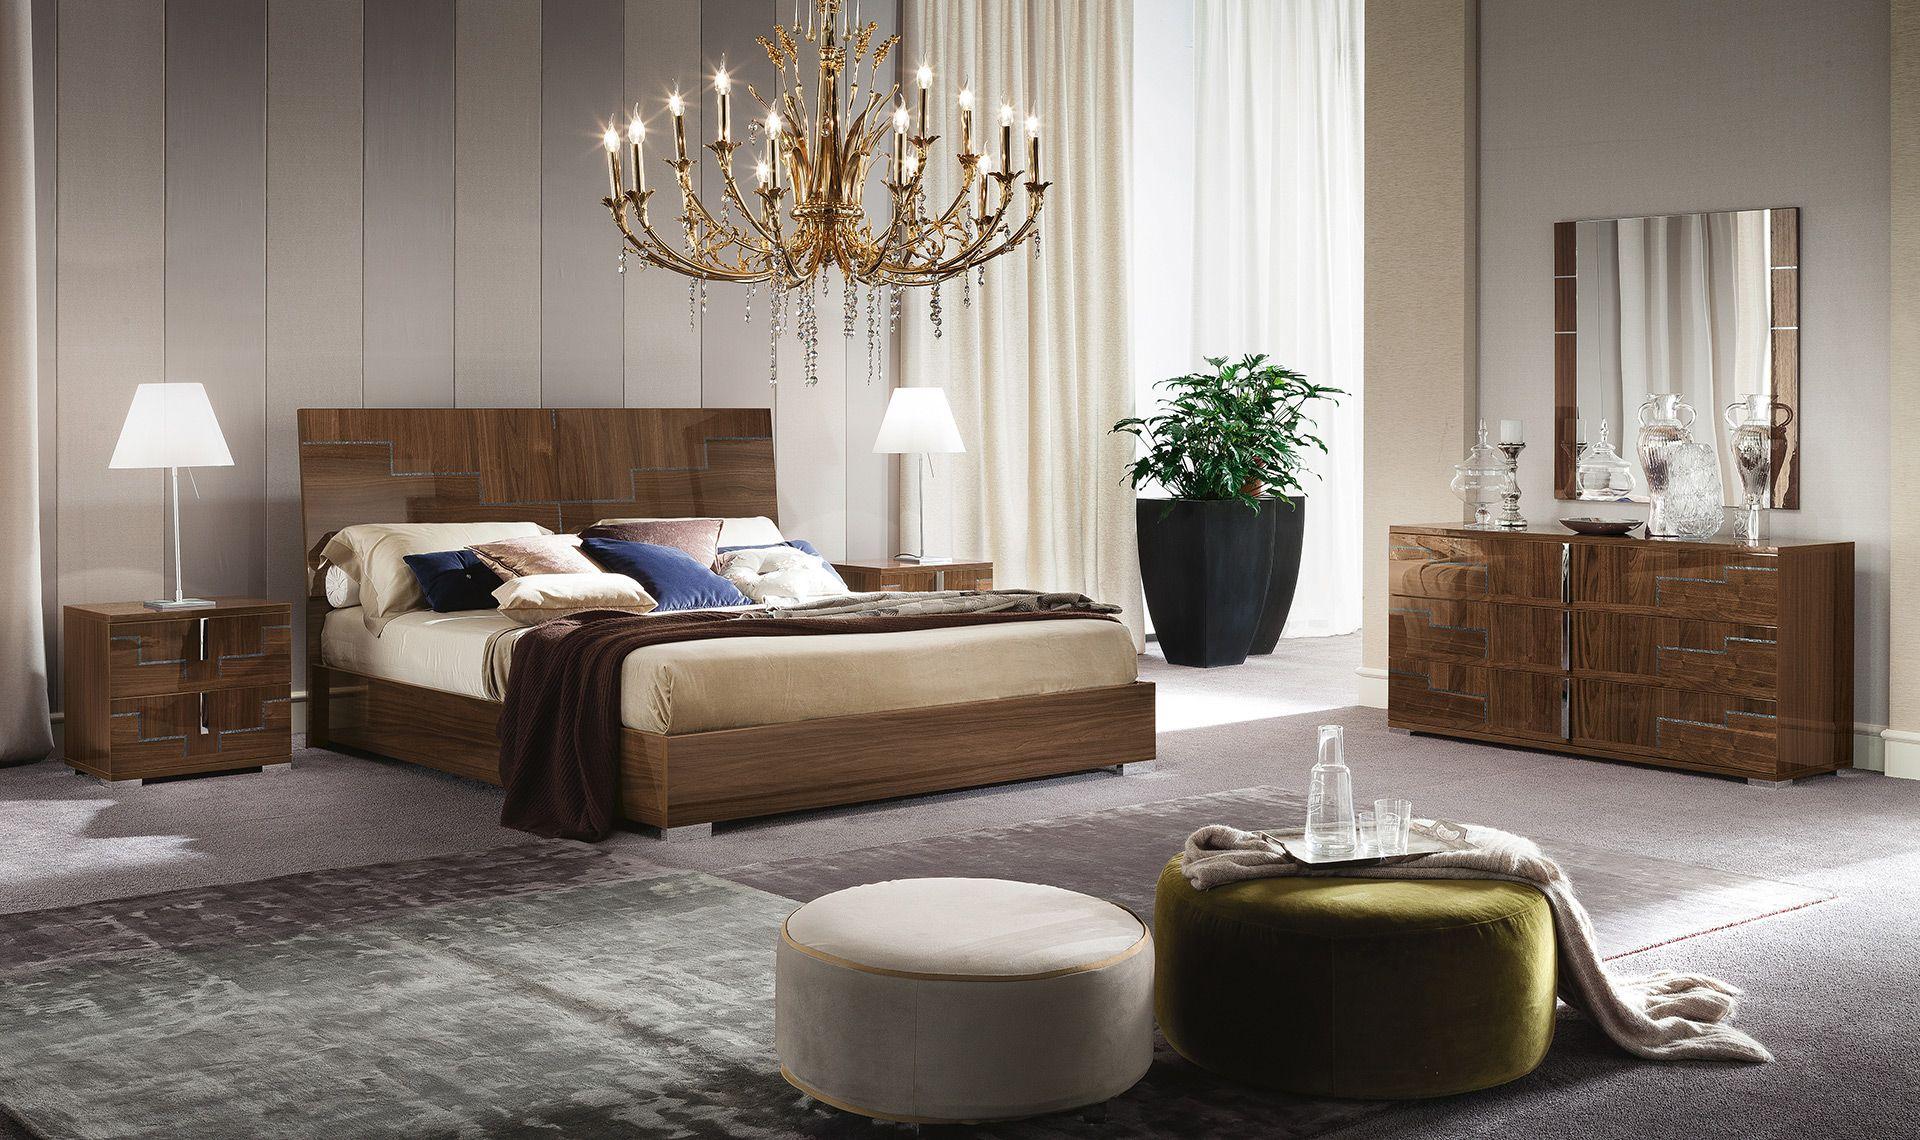 Buy 1927 Ad American Gumwood Bedroom Furniture Housing ...